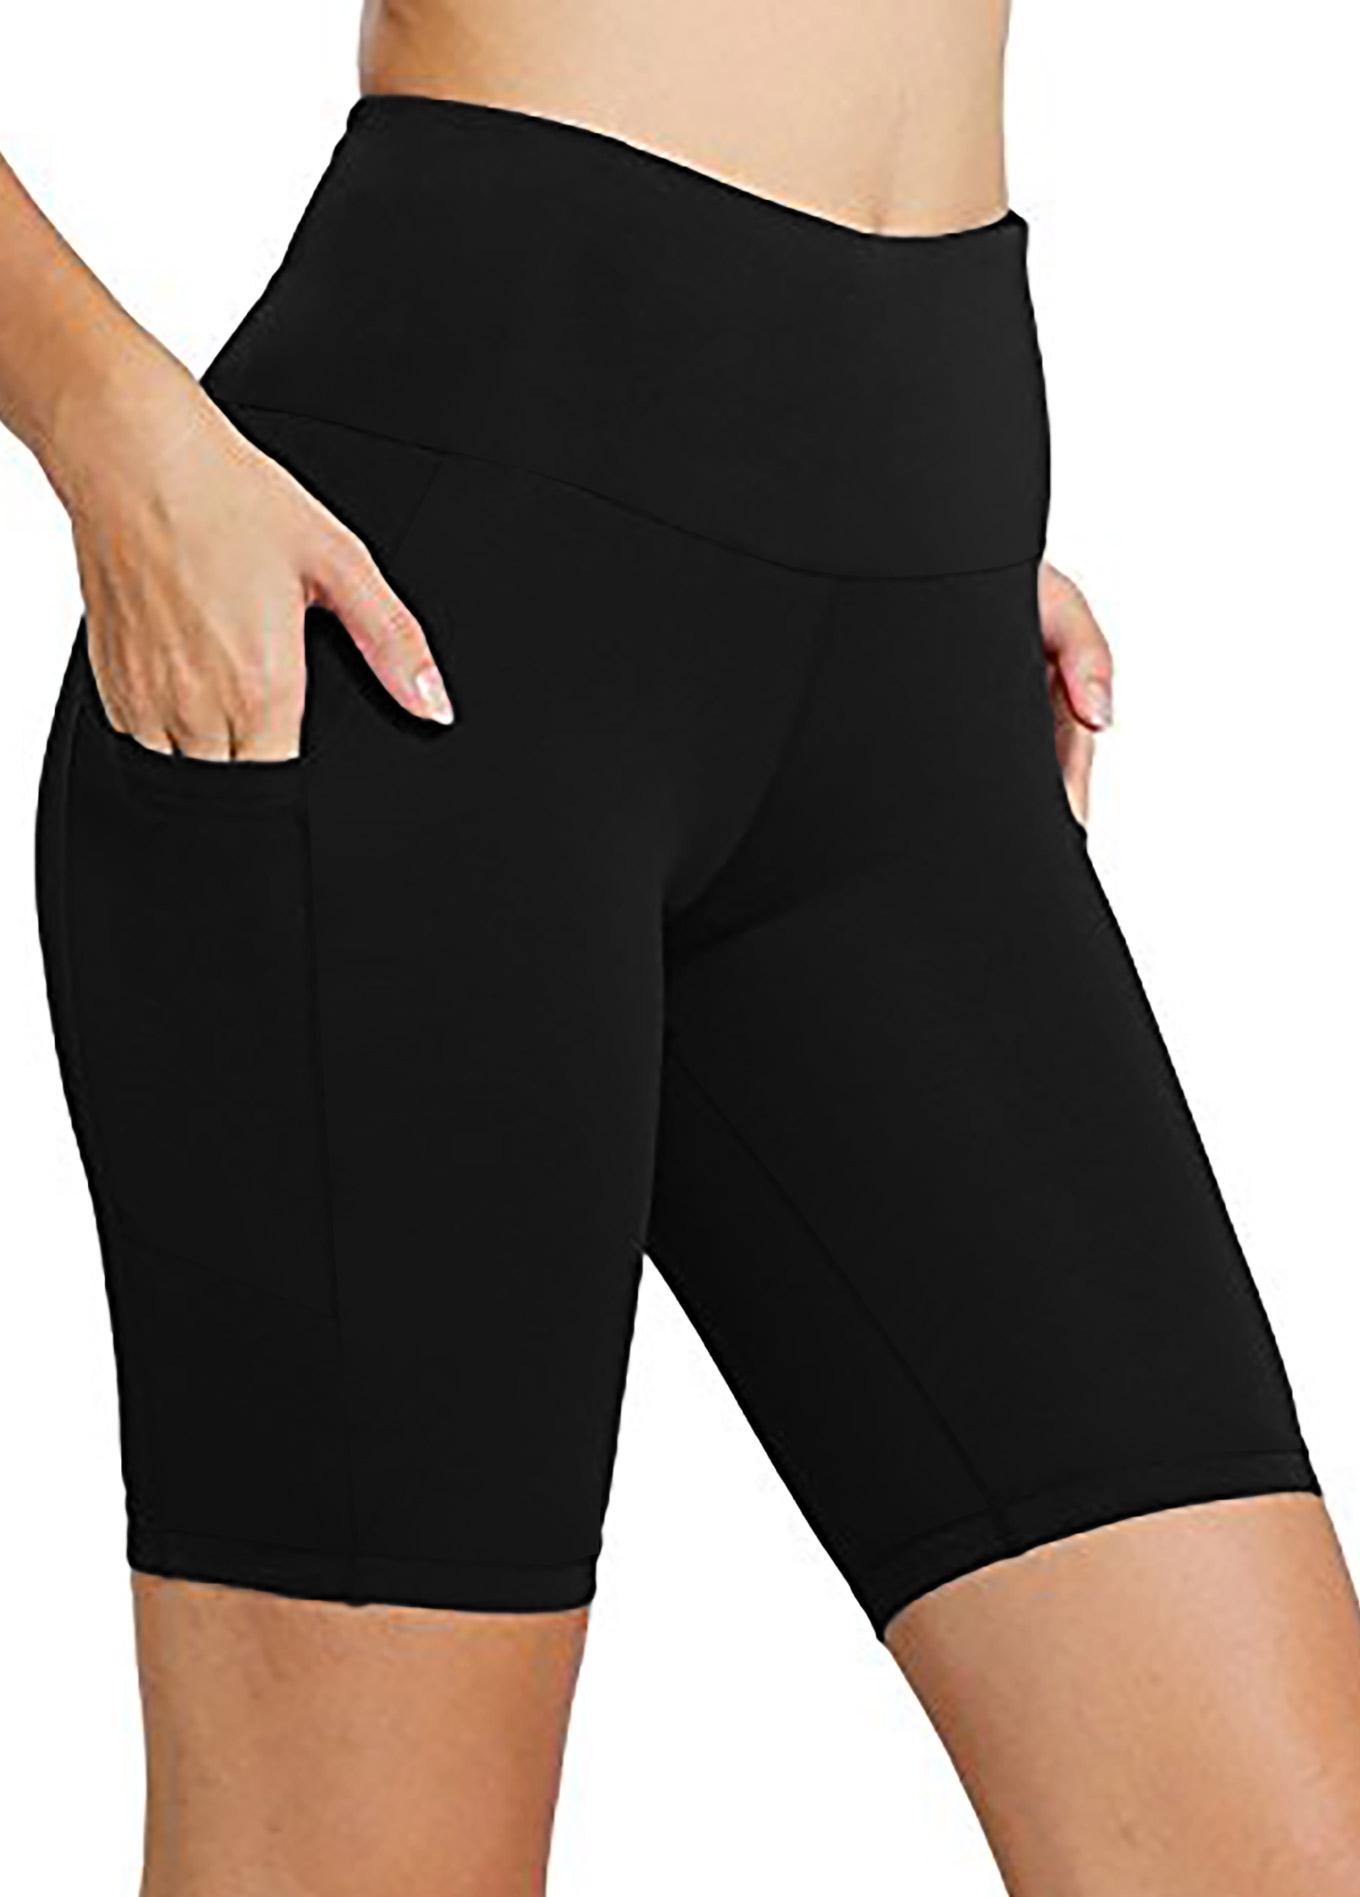 ROTITA Black High Waisted Pocket Swim Shorts